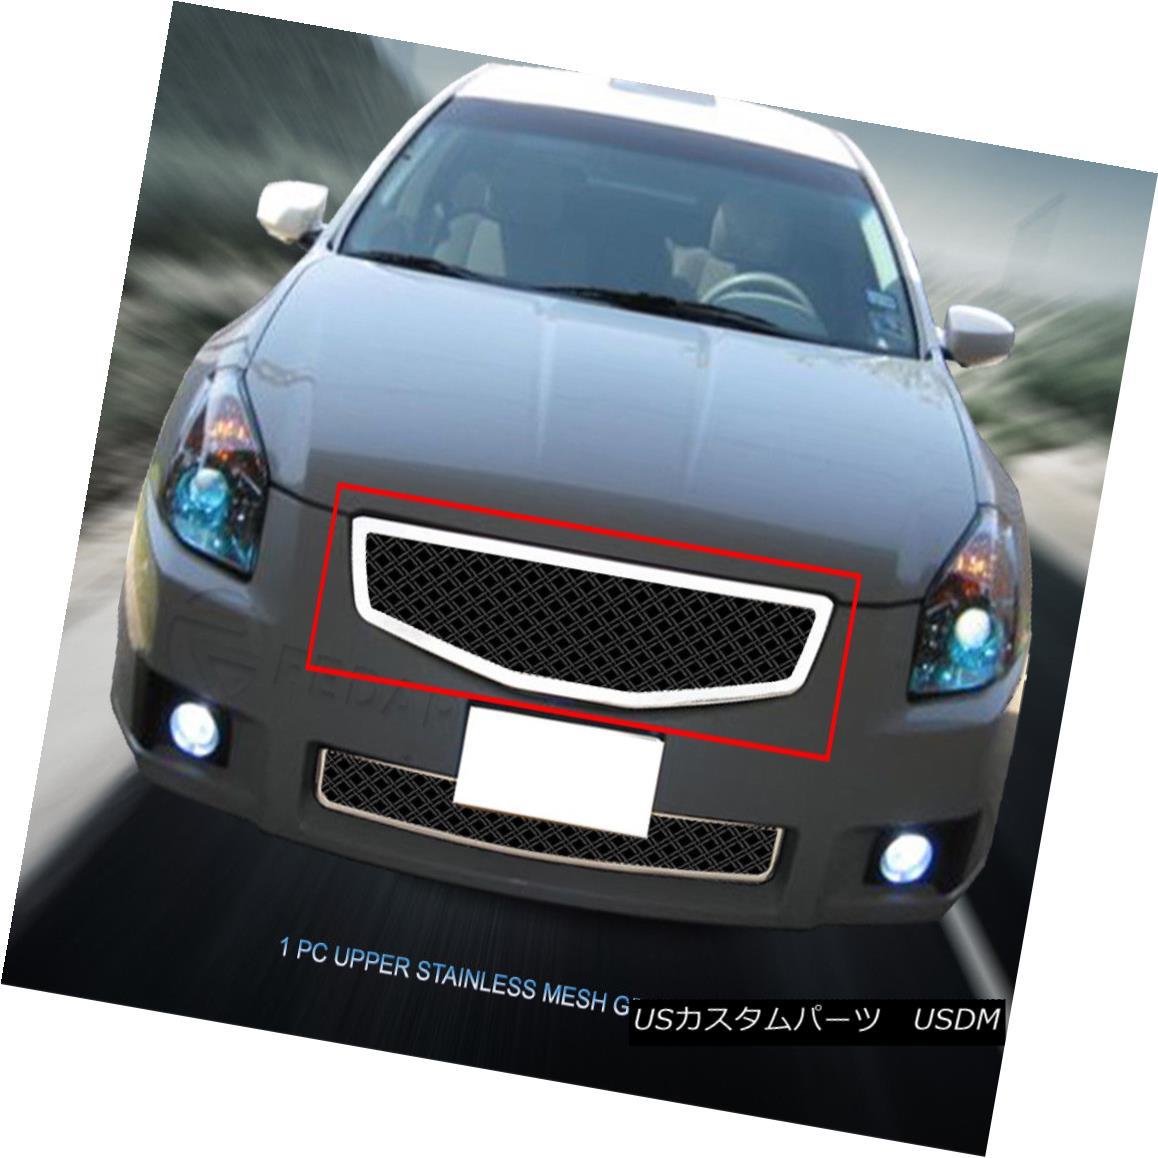 グリル Fedar Fits 2007-2008 Nissan Maxima Black/Polished Dual Weave Mesh Grille Insert Fedar Fits 2007-2008日産マキシマブラック/ポリッシュデュアルウィーブメッシュグリルインサート